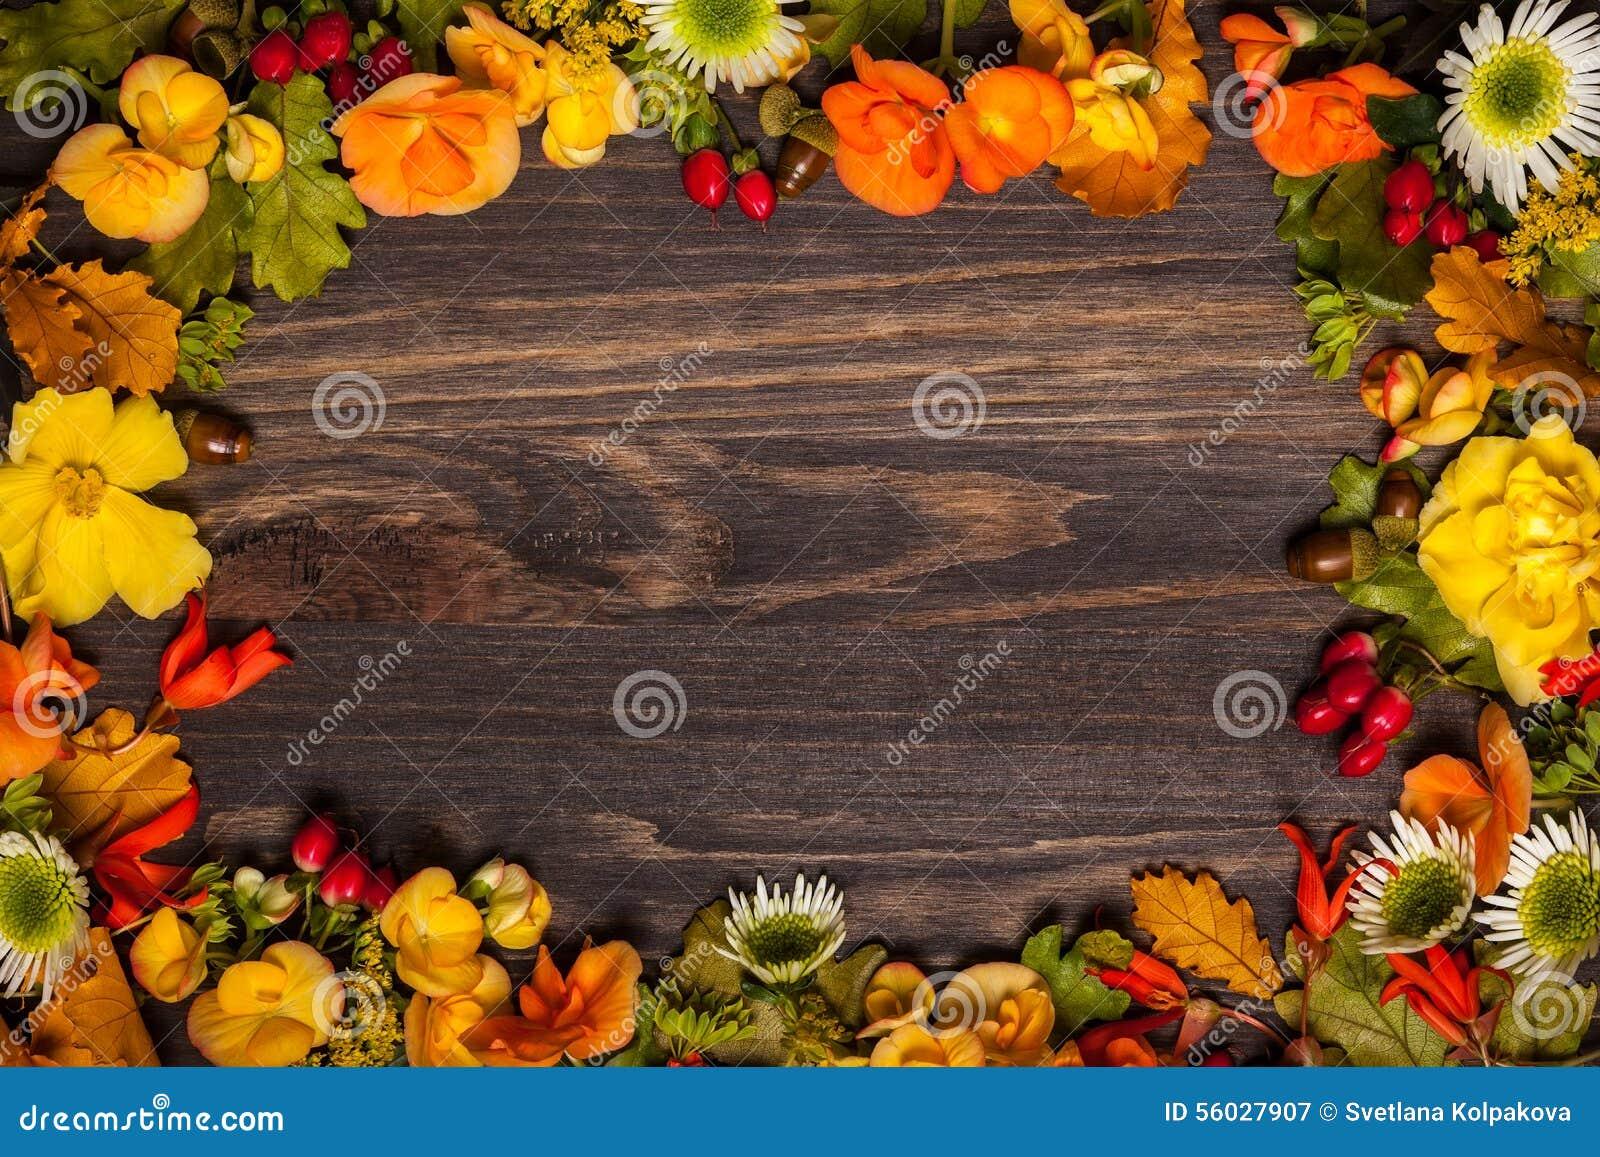 Fiori e bacche autunnali immagine stock immagine di mazzo for Immagini fiori autunnali